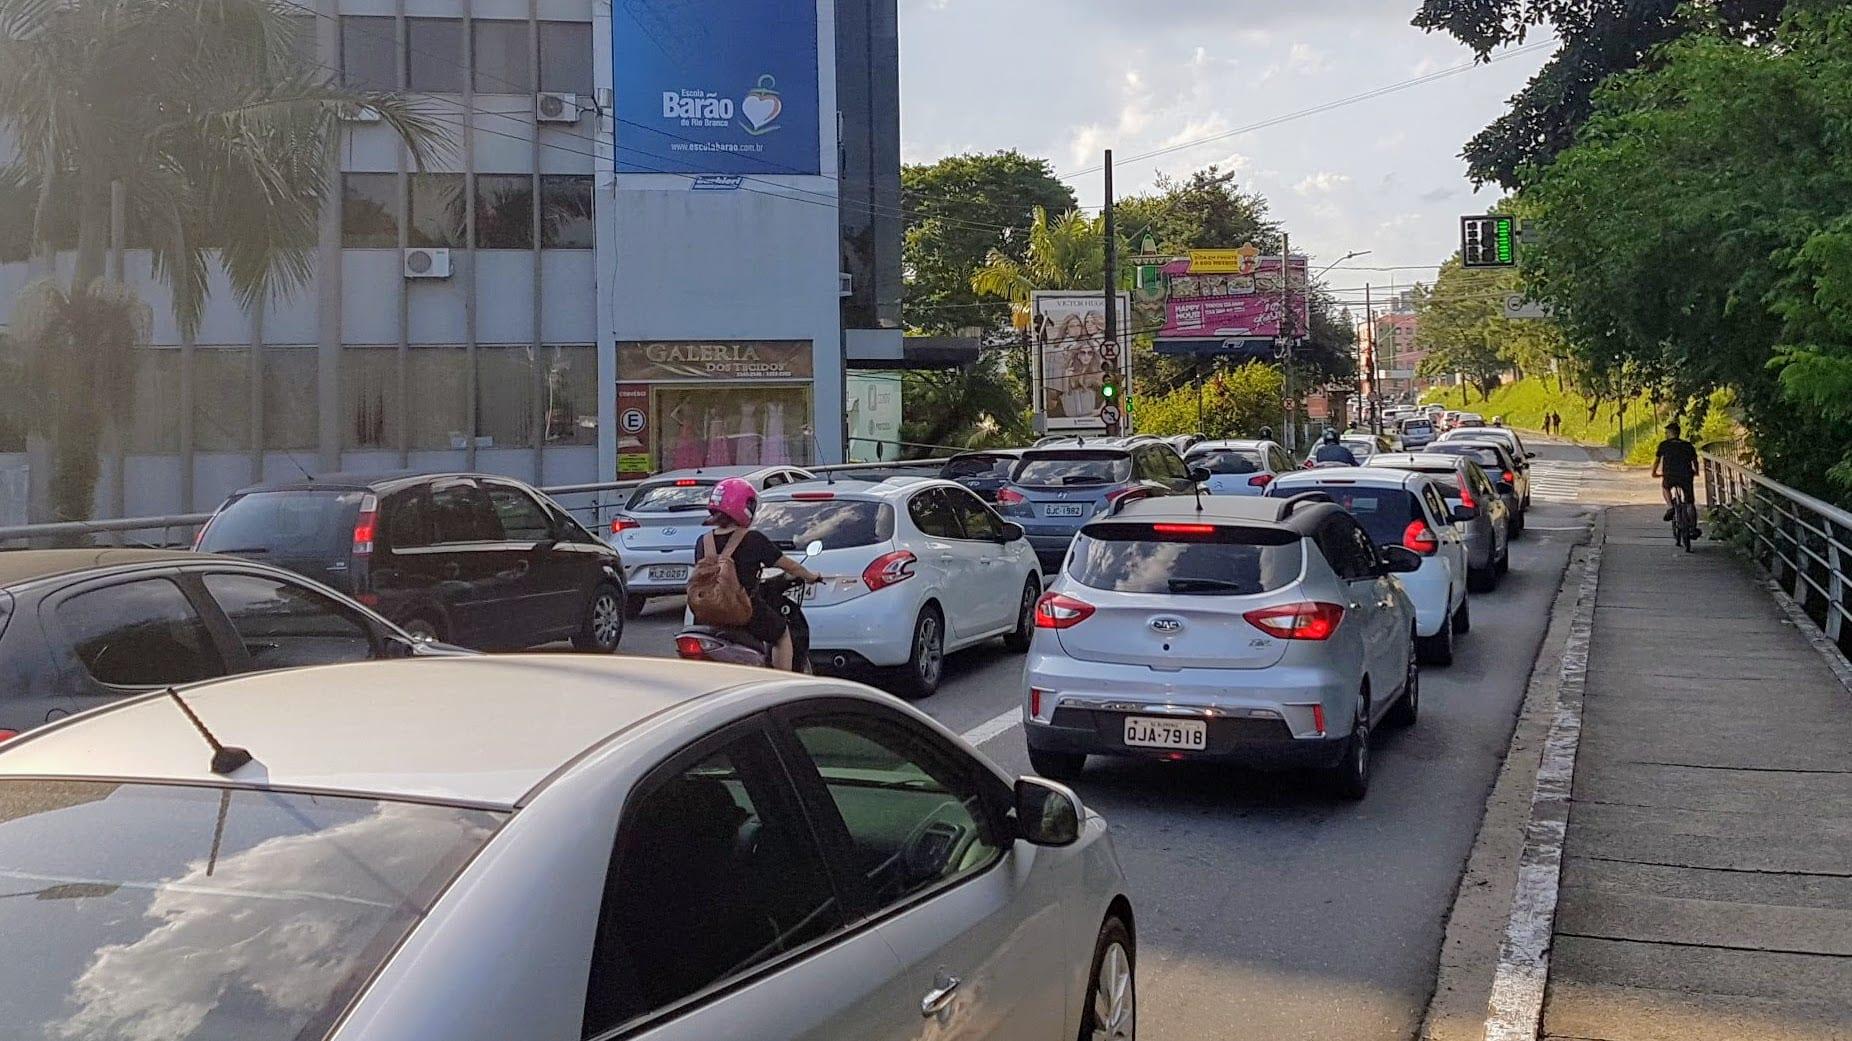 Trânsito em cidade – foto de Filipe Rosenbrock